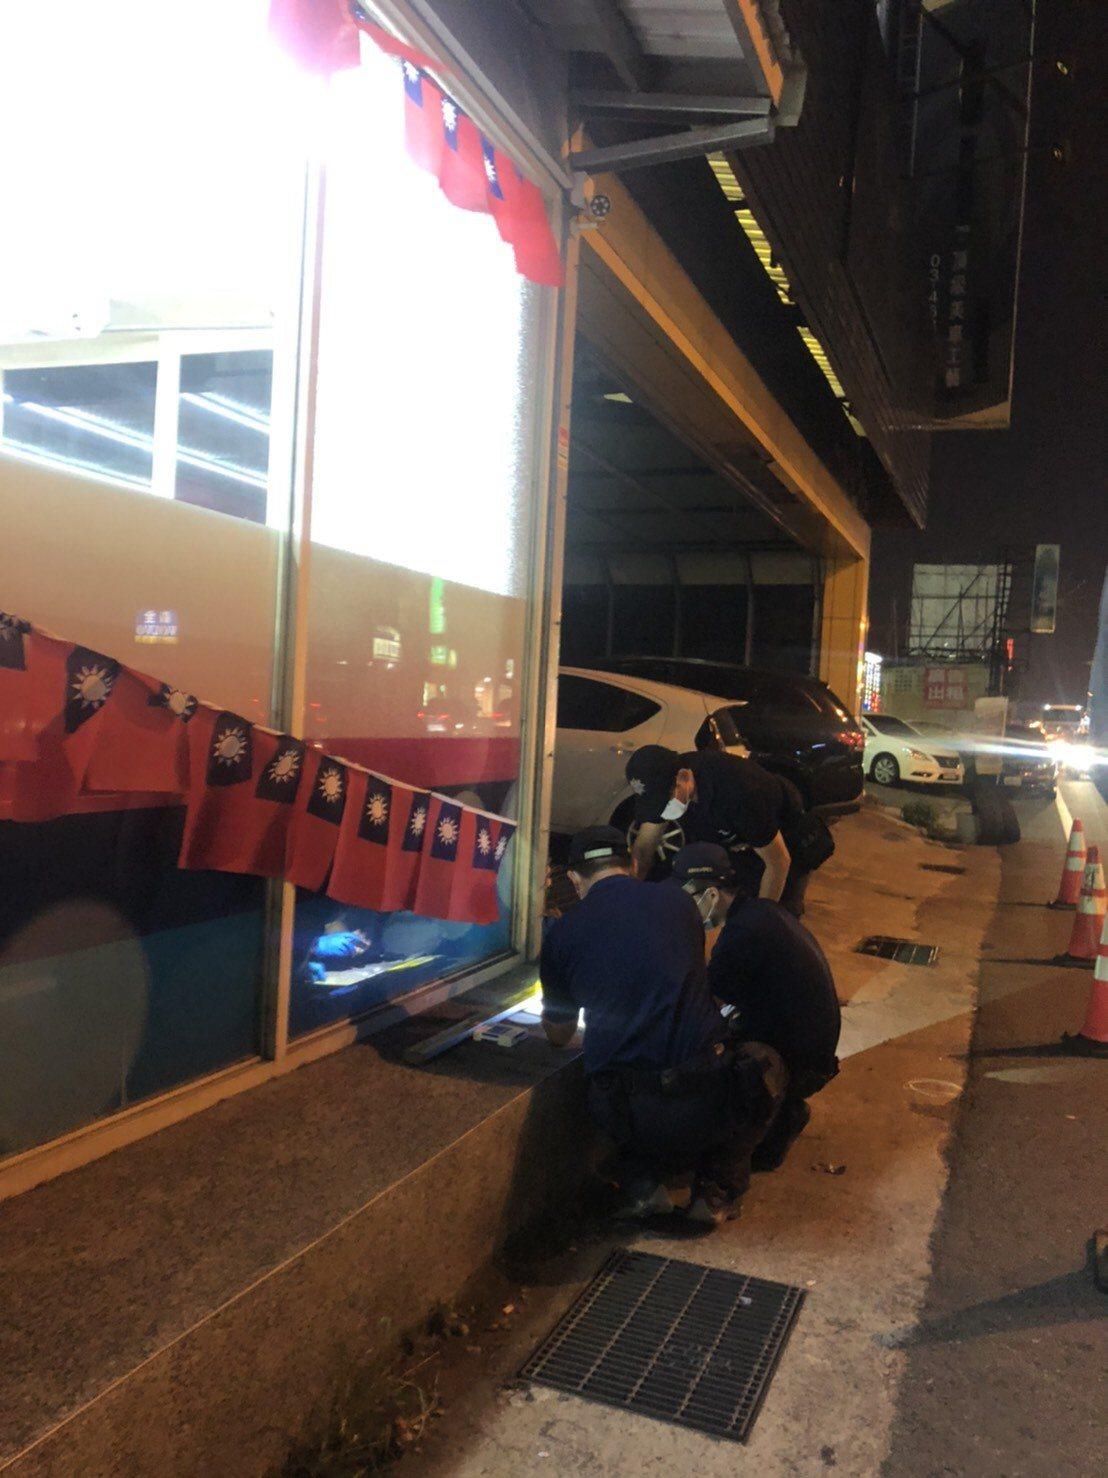 国民党桃园市议员刘安祺服务处外挂满小国旗,未料却因此遭2名枪手持空气枪射击。图/...